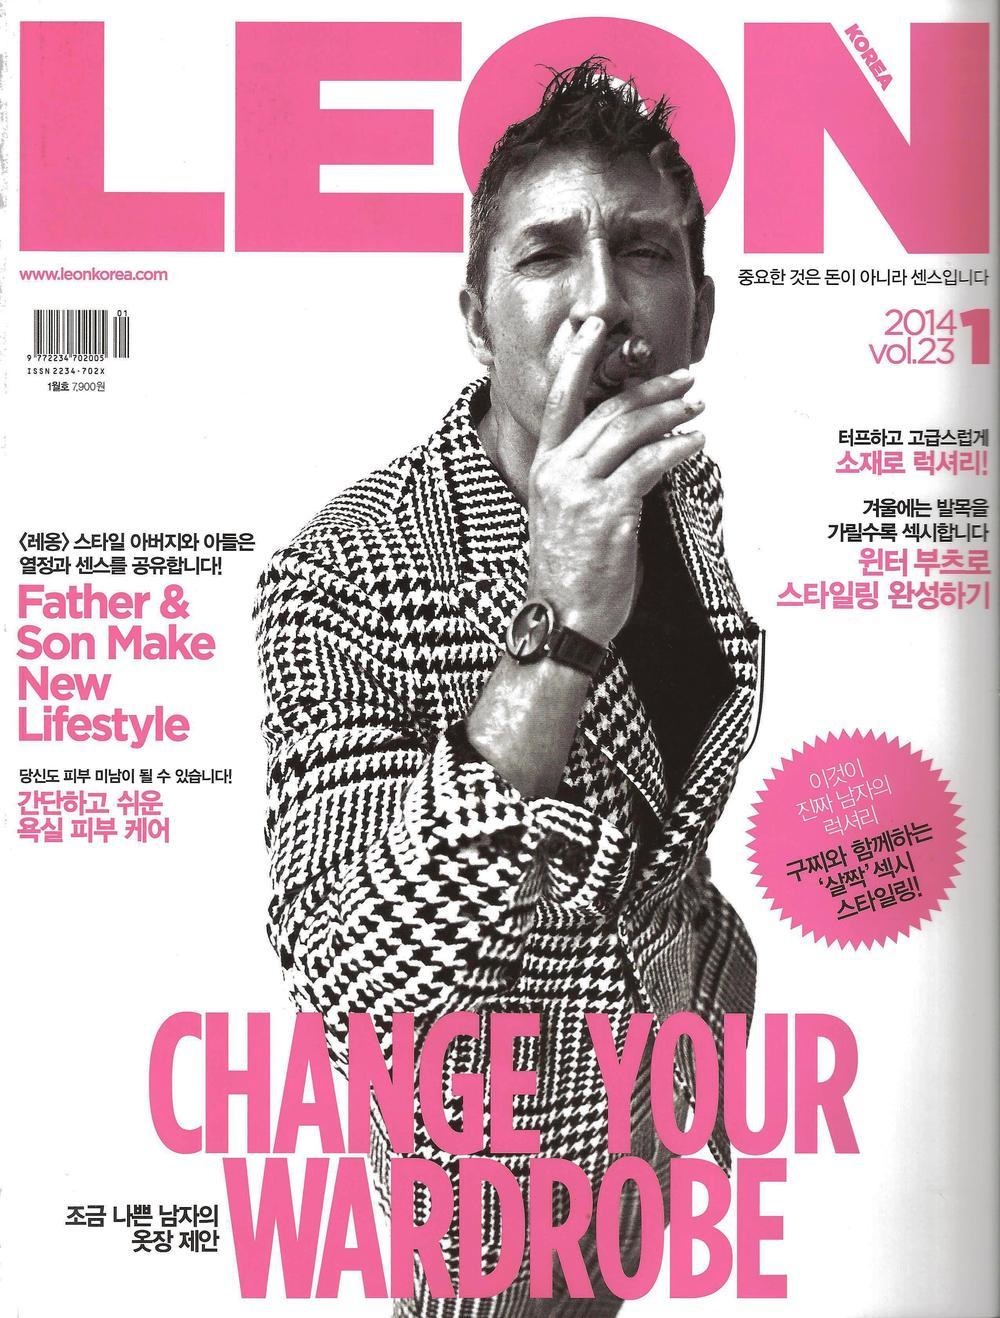 2014-1 Leon cover.jpg